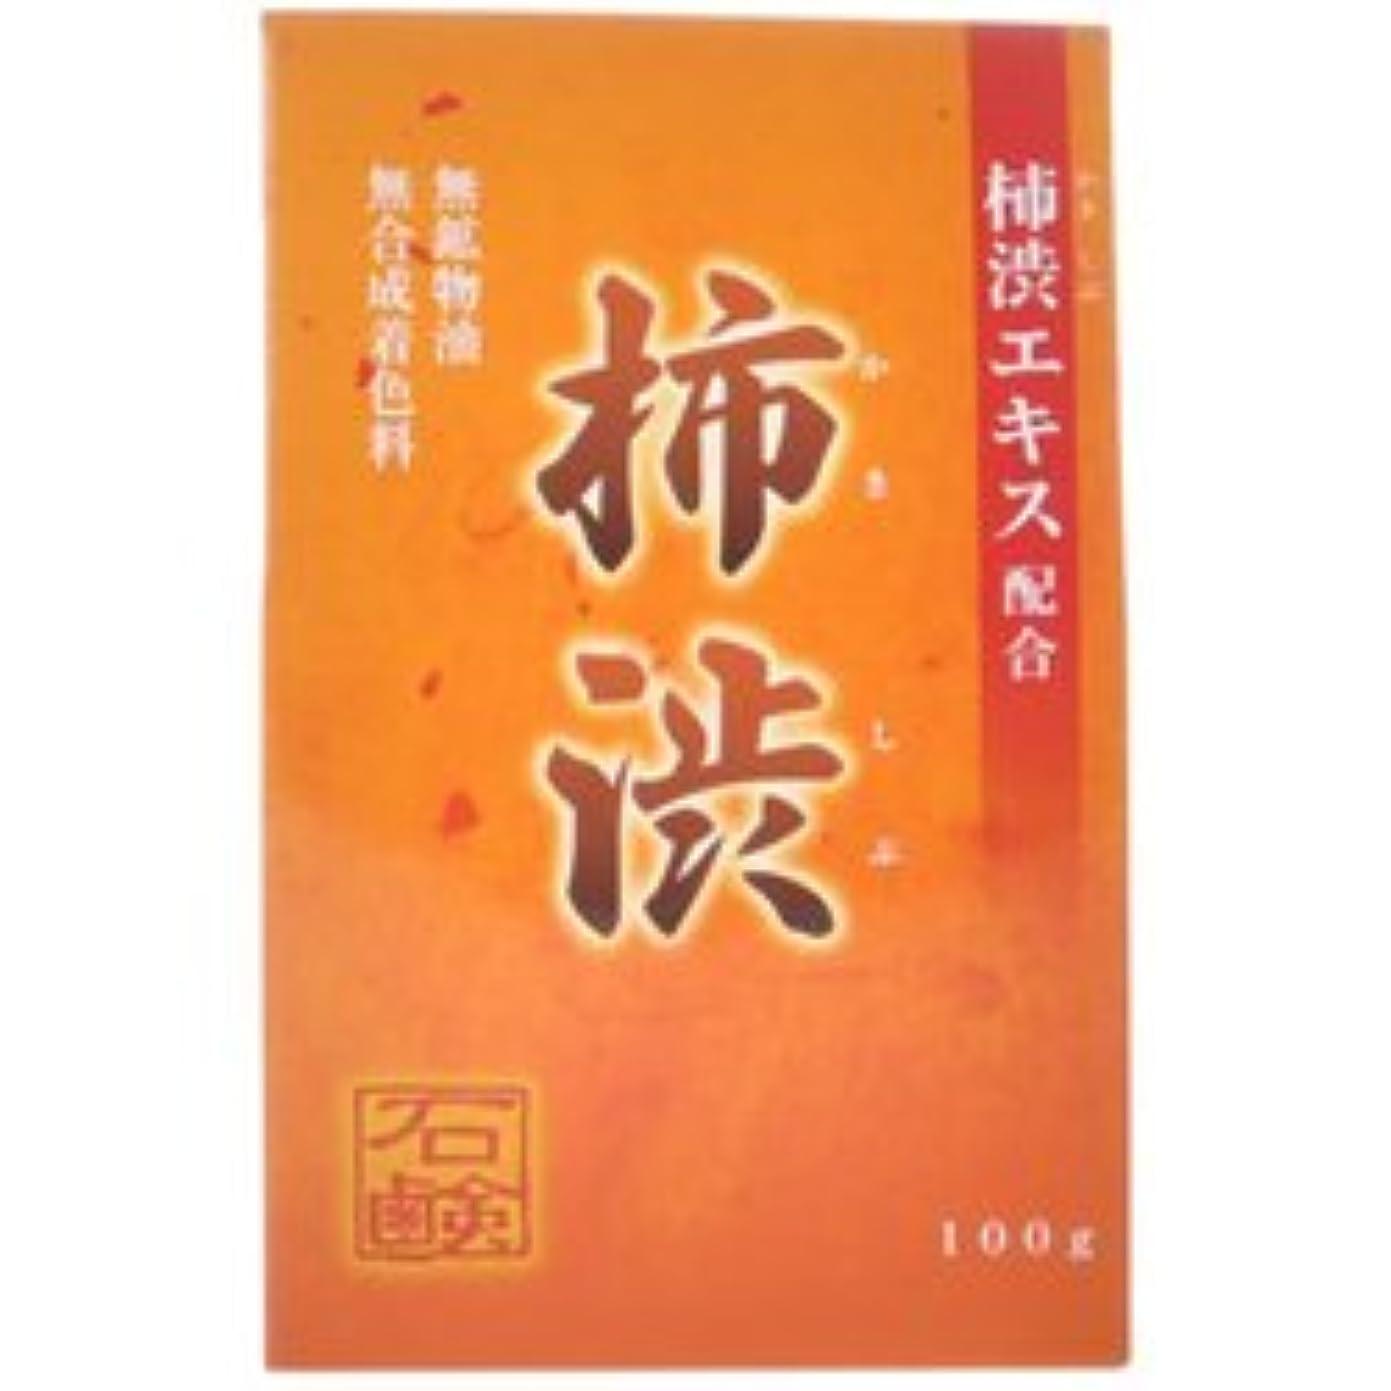 めまい脅かす一緒【アール・エイチ・ビープロダクト】新 柿渋石鹸 100g ×5個セット